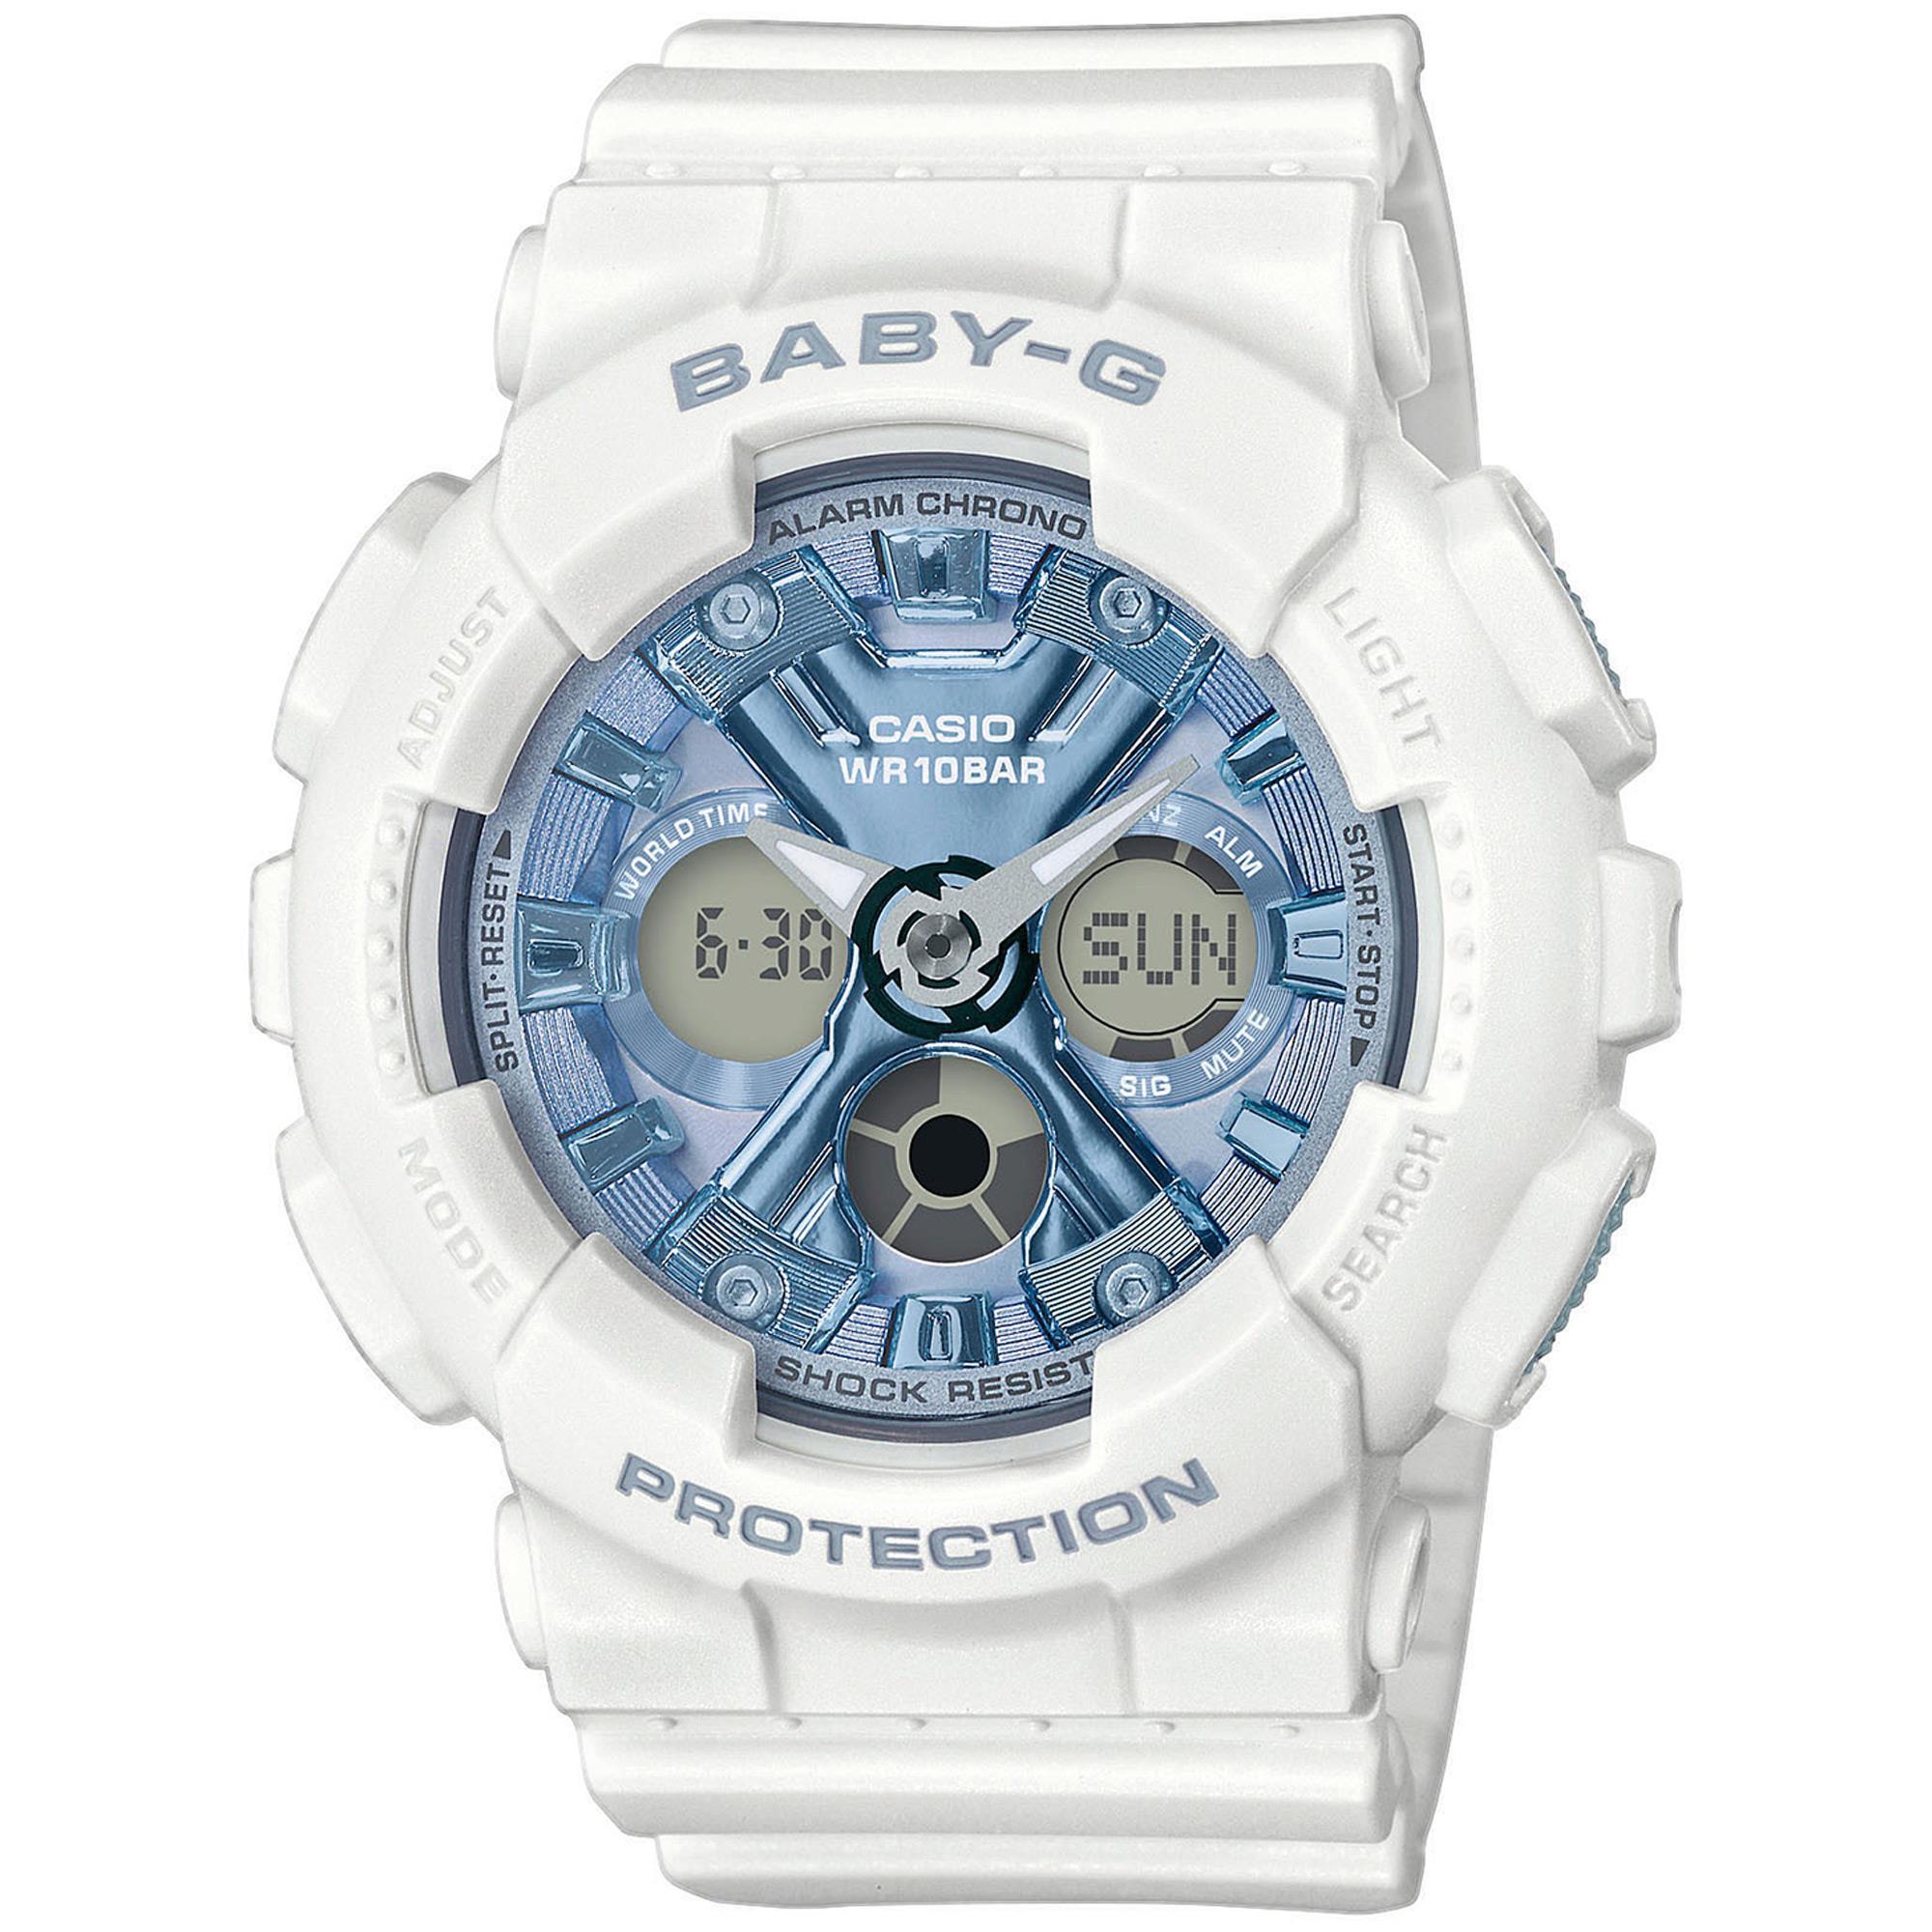 G-Shock Baby G Bianco Anadigit Donna Gomma BA-130-7A2ER - CASIO